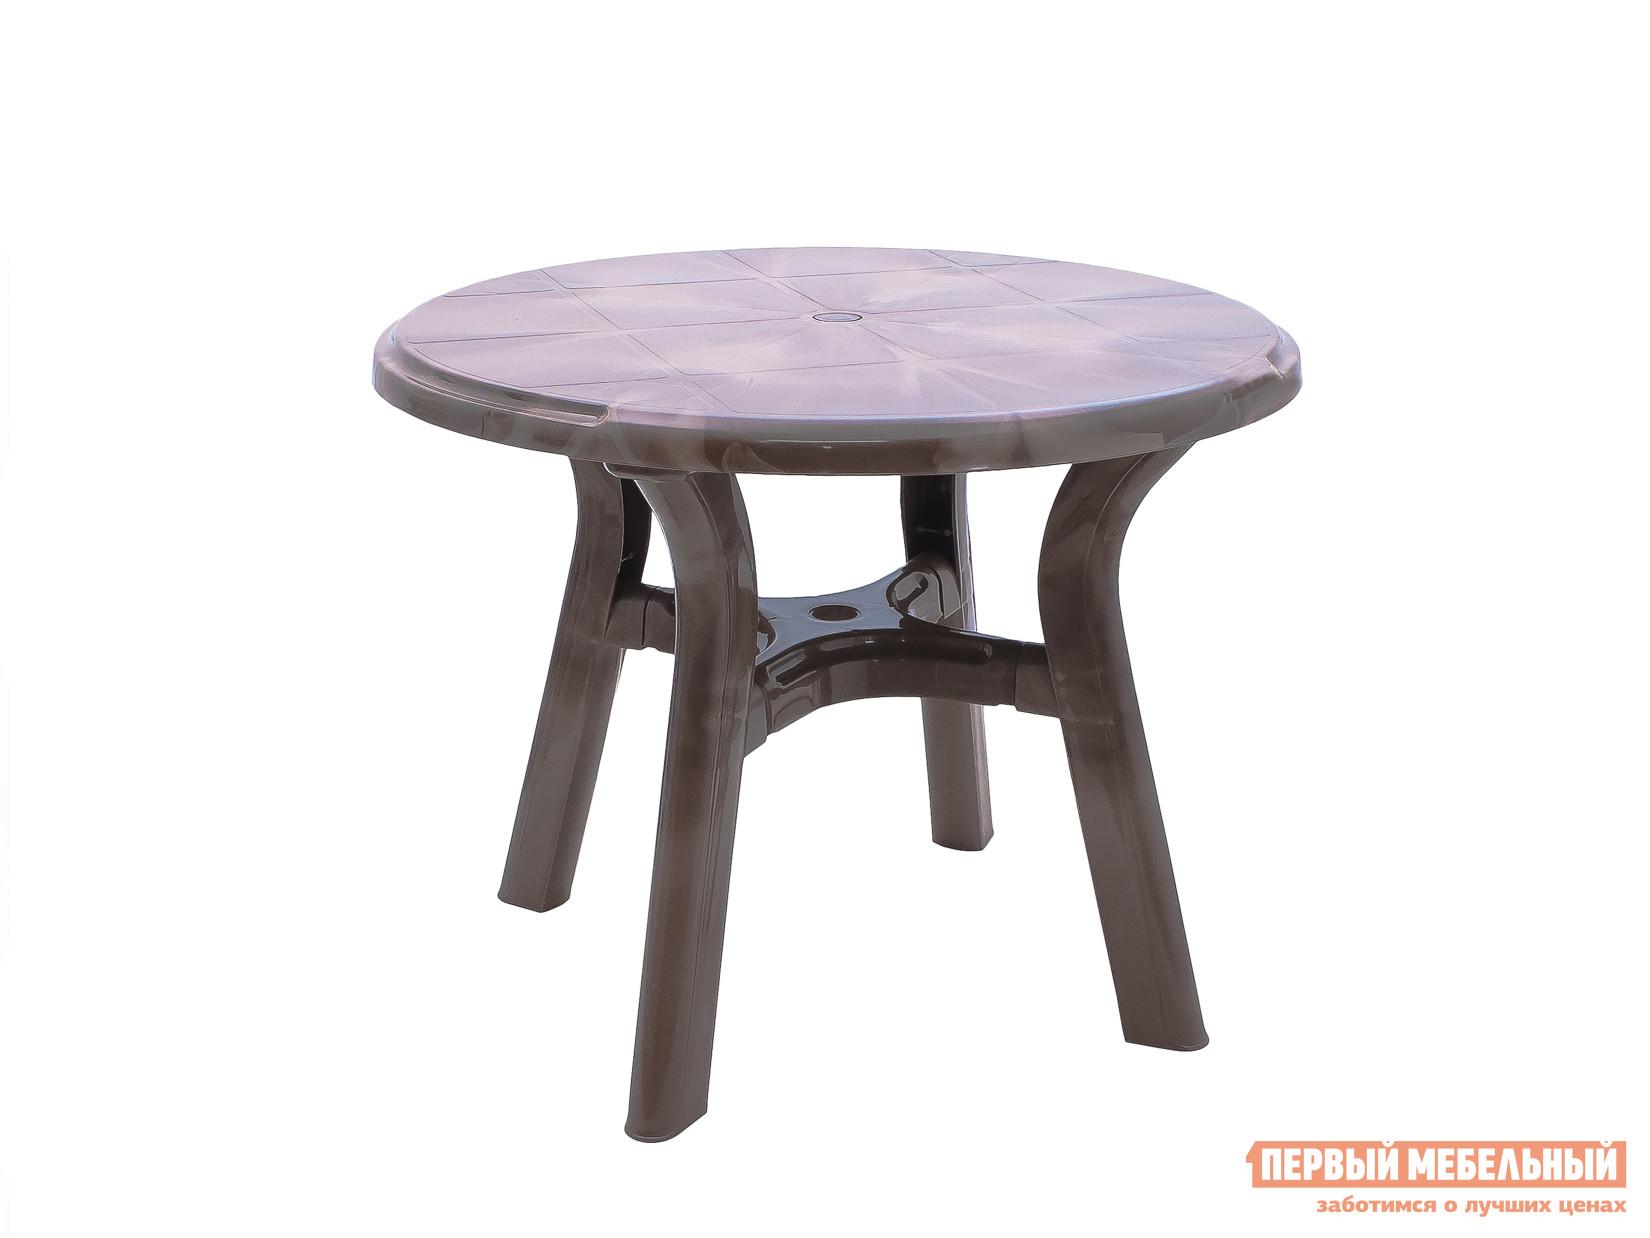 Пластиковый стол Стандарт Пластик Стол круглый Премиум д940 мм Лессир Лессир Макоре (коричневый/бежевый)Пластиковые столы<br>Габаритные размеры ВхШхГ 728x940x940 мм. Круглый пластиковый стол Лессир имеет большую столешницу диаметром 940 мм.  Круглая форма практичнее, так как за ней можно рассадить больше персон, чем за квадратным столом такой же площадью. Столик Лессир выделяется благодаря необычному оформлению в коричневом цвете с мраморно-древесной текстурой.  Модель можно использовать на садовом участке, а также она удачно впишется в интерьер летнего уличного кафе.  Преимущество пластиковой мебели в ее универсальности, изделия прекрасно переносят различные погодные условия и готовы служить долгий срок.<br><br>Цвет: Коричневый<br>Цвет: Бежевый<br>Высота мм: 728<br>Ширина мм: 940<br>Глубина мм: 940<br>Кол-во упаковок: 1<br>Форма поставки: В разобранном виде<br>Срок гарантии: 1 год<br>Форма: Круглые<br>Размер: Большие